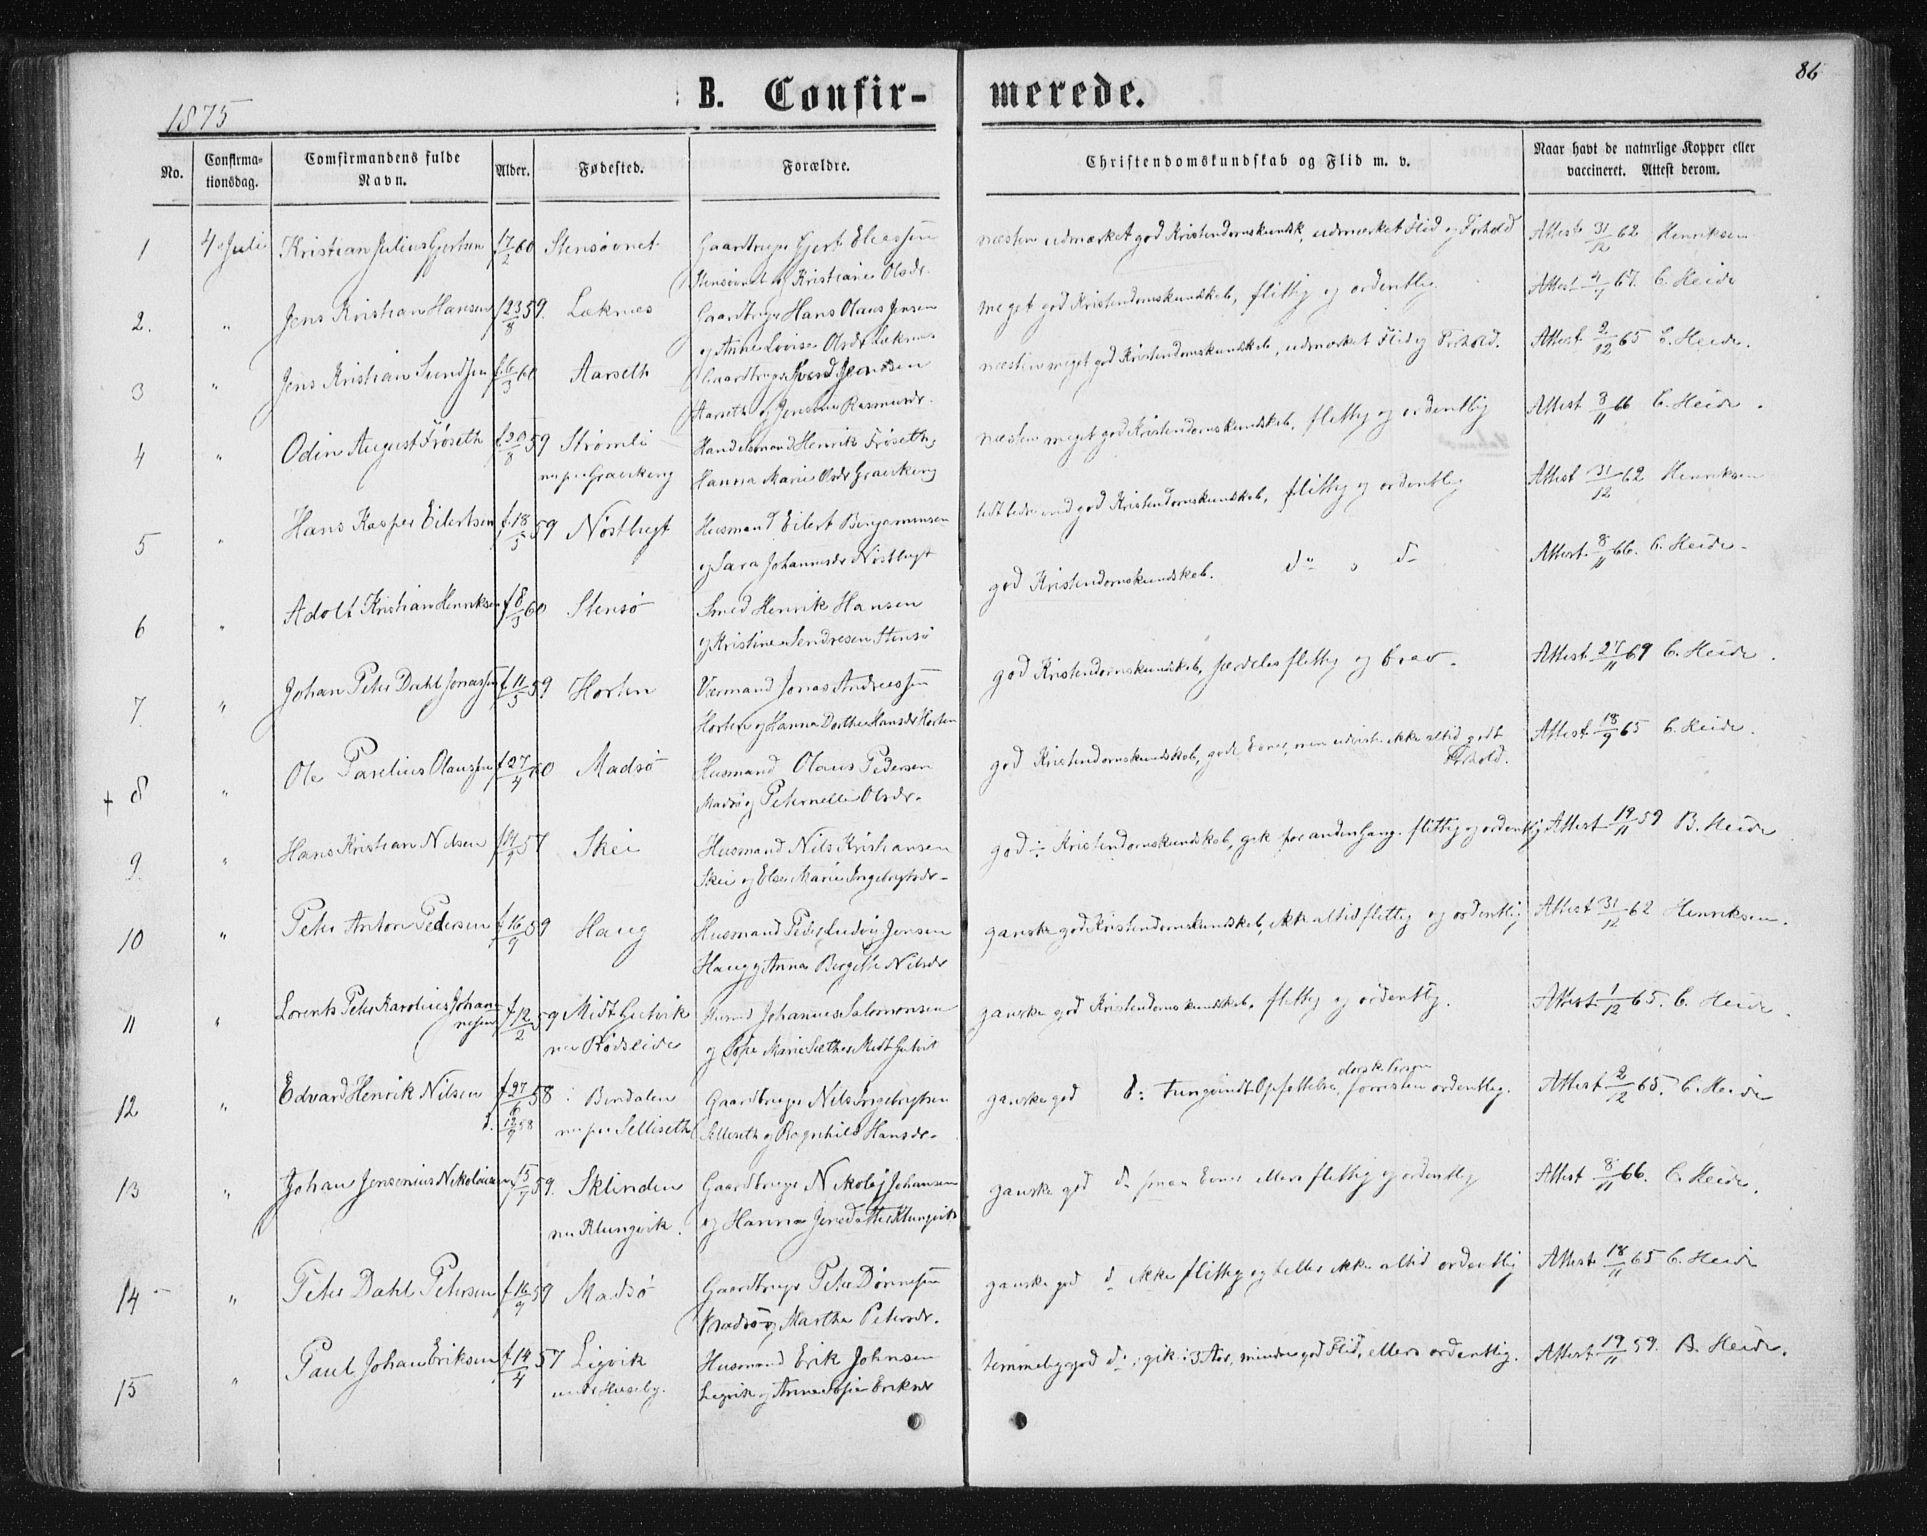 SAT, Ministerialprotokoller, klokkerbøker og fødselsregistre - Nord-Trøndelag, 788/L0696: Ministerialbok nr. 788A03, 1863-1877, s. 86